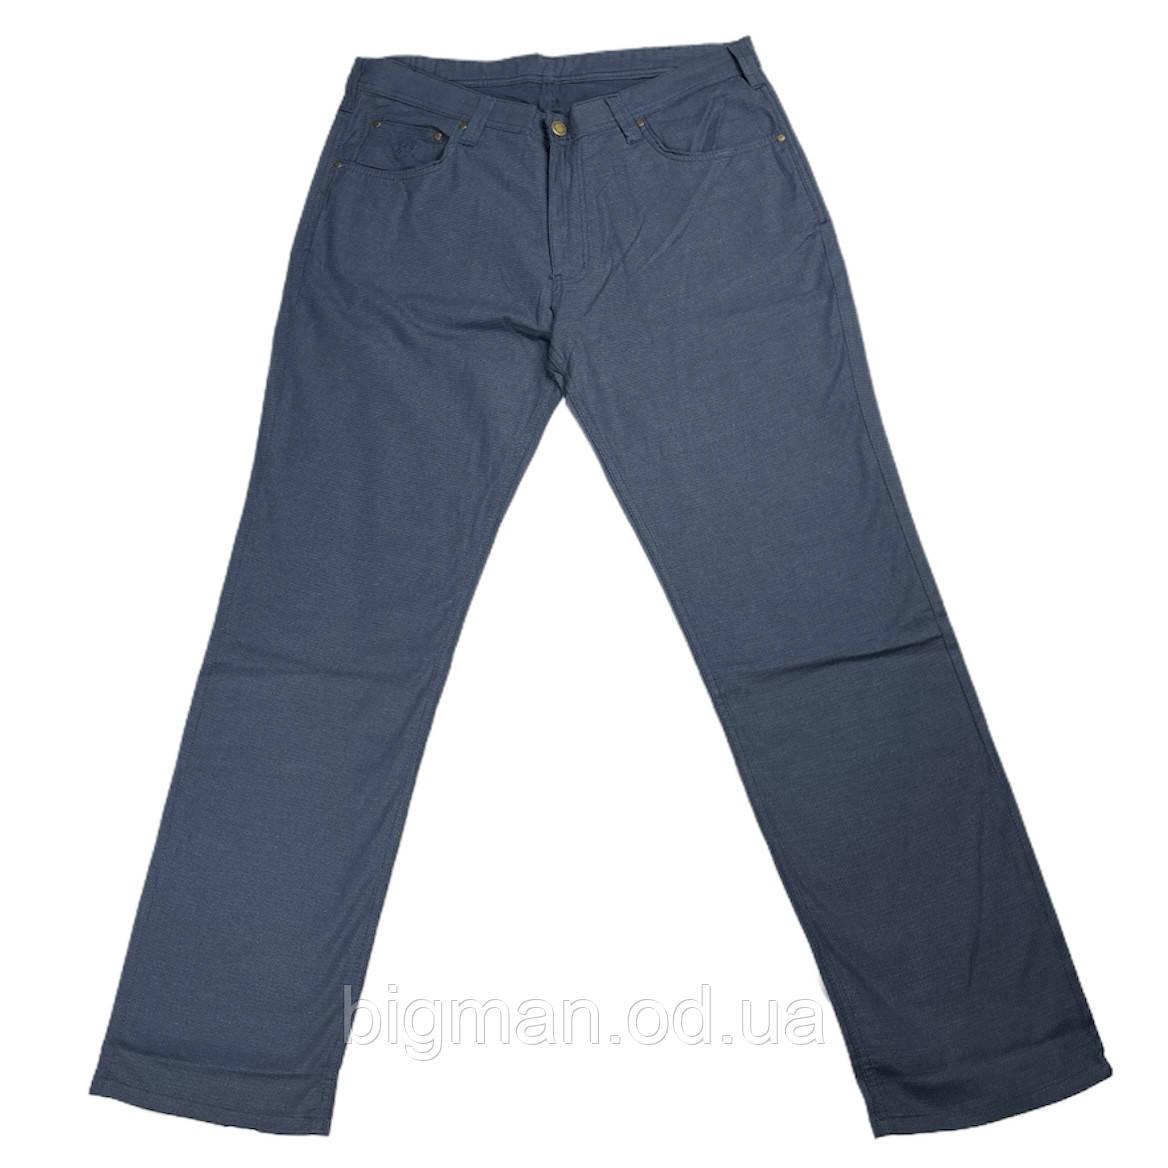 Мужские хлопковые штаны IFC 18037 54-66 размера синие Турция батал большой размер